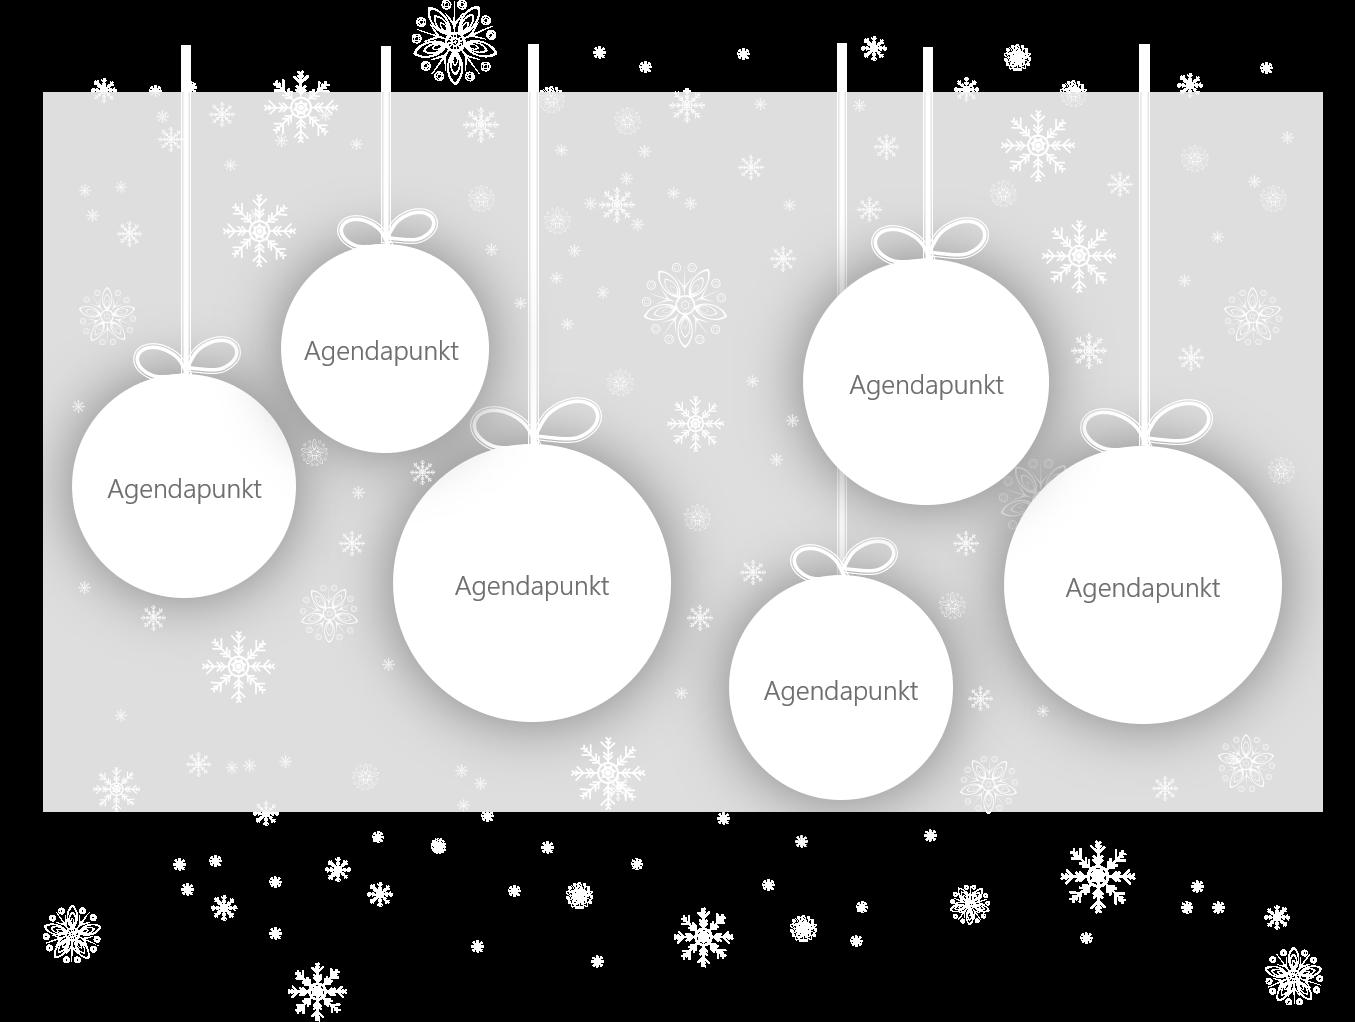 PowerPoint Vorlage: Weihnachtskugeln mit Agendapunkten